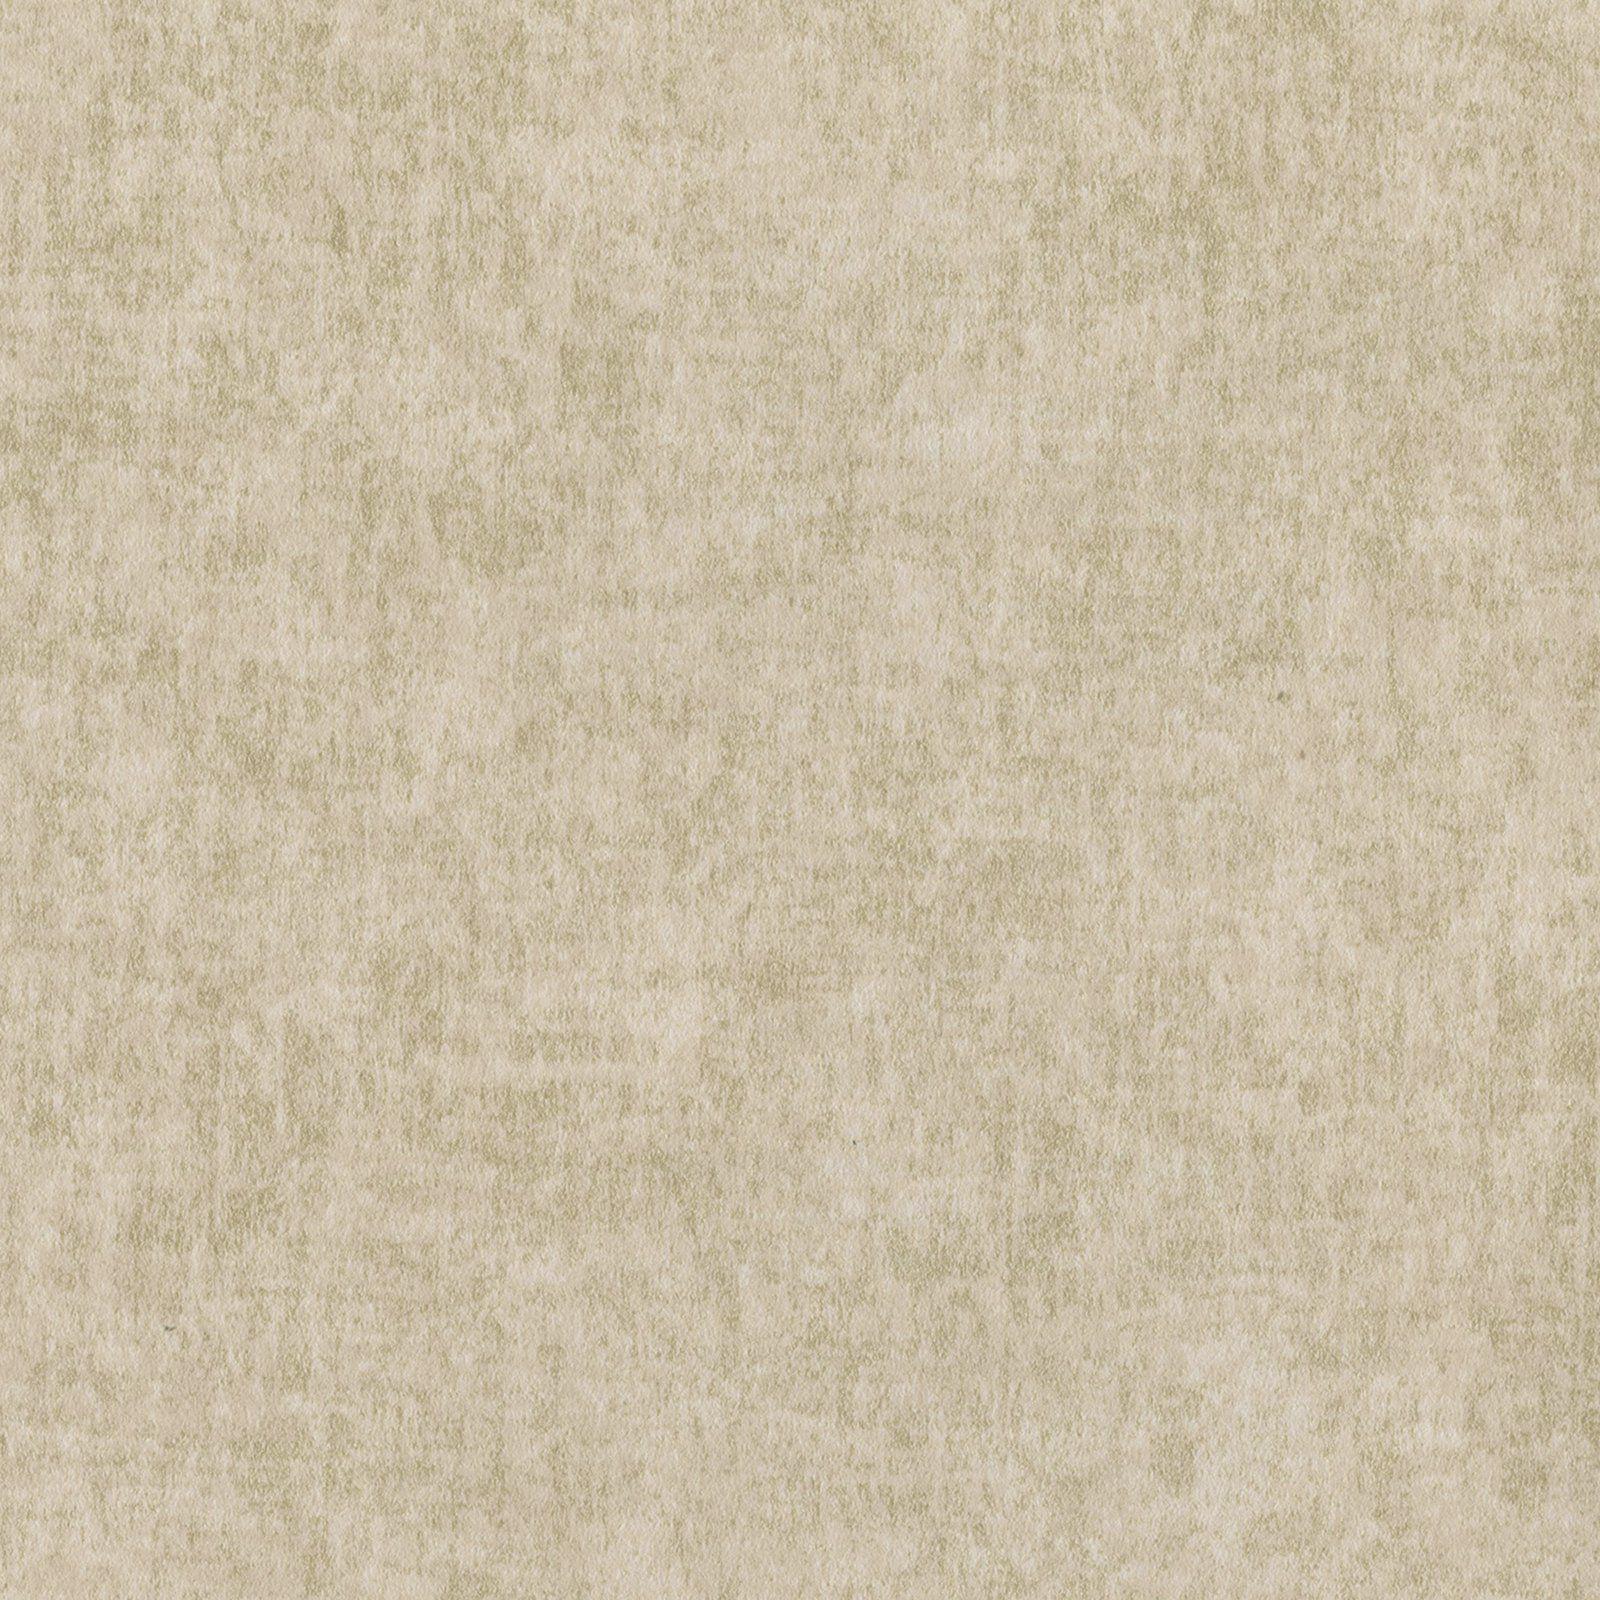 Warner Textures Carlie Blotch Wallpaper Neutral Wallpaper